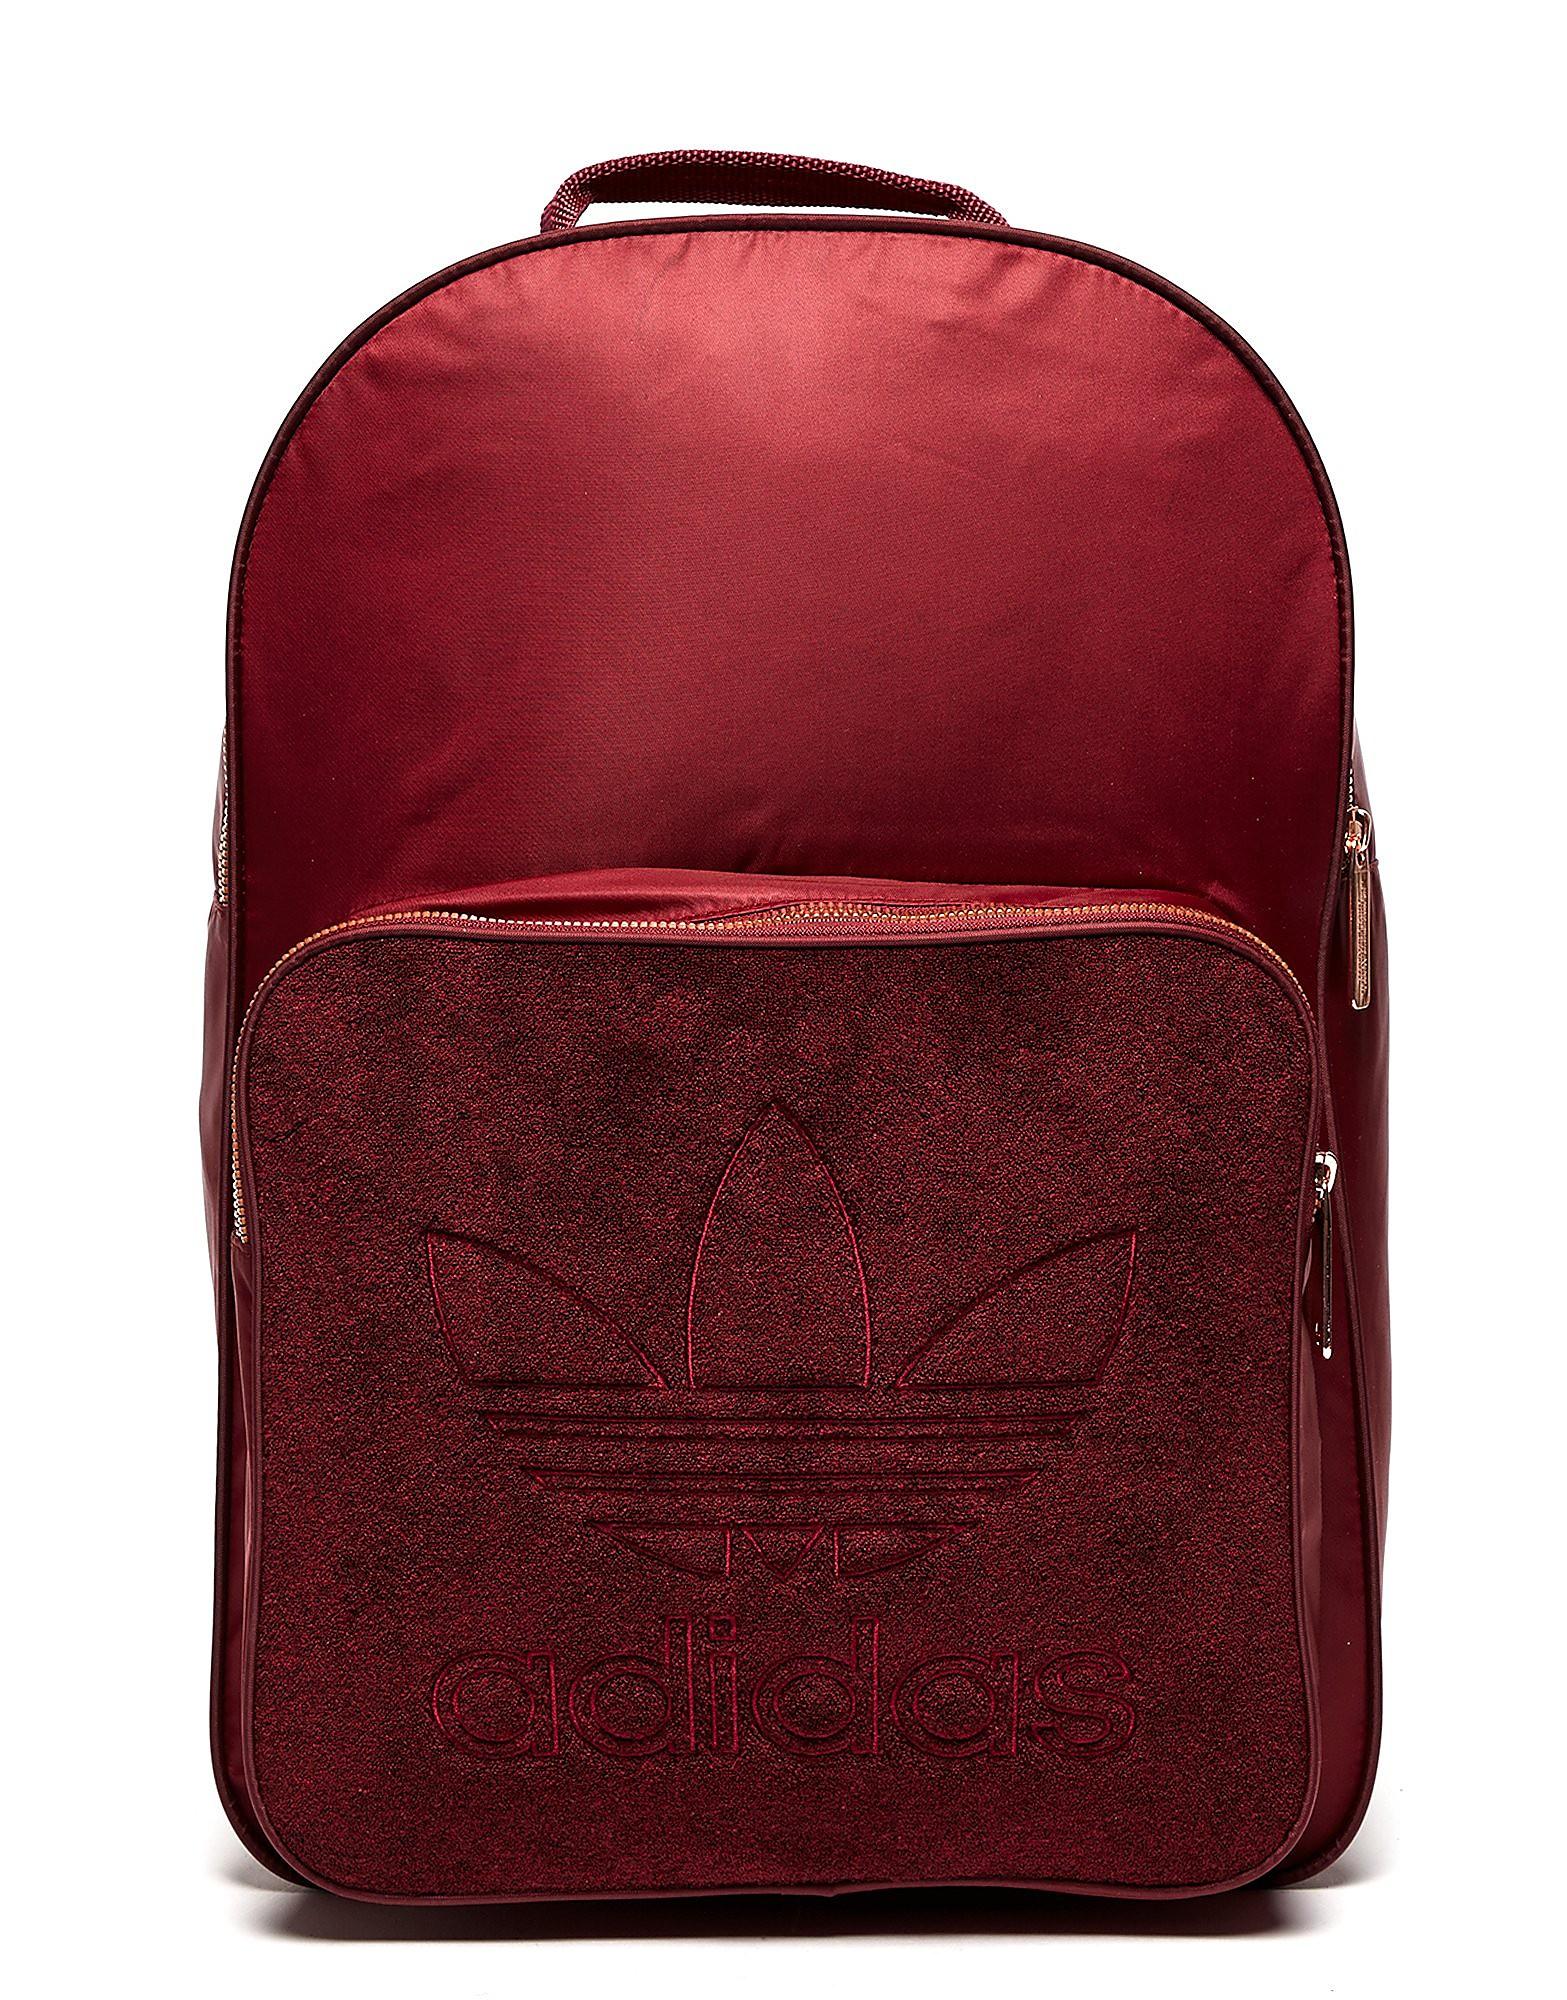 adidas Originals Classic Velour Backpack